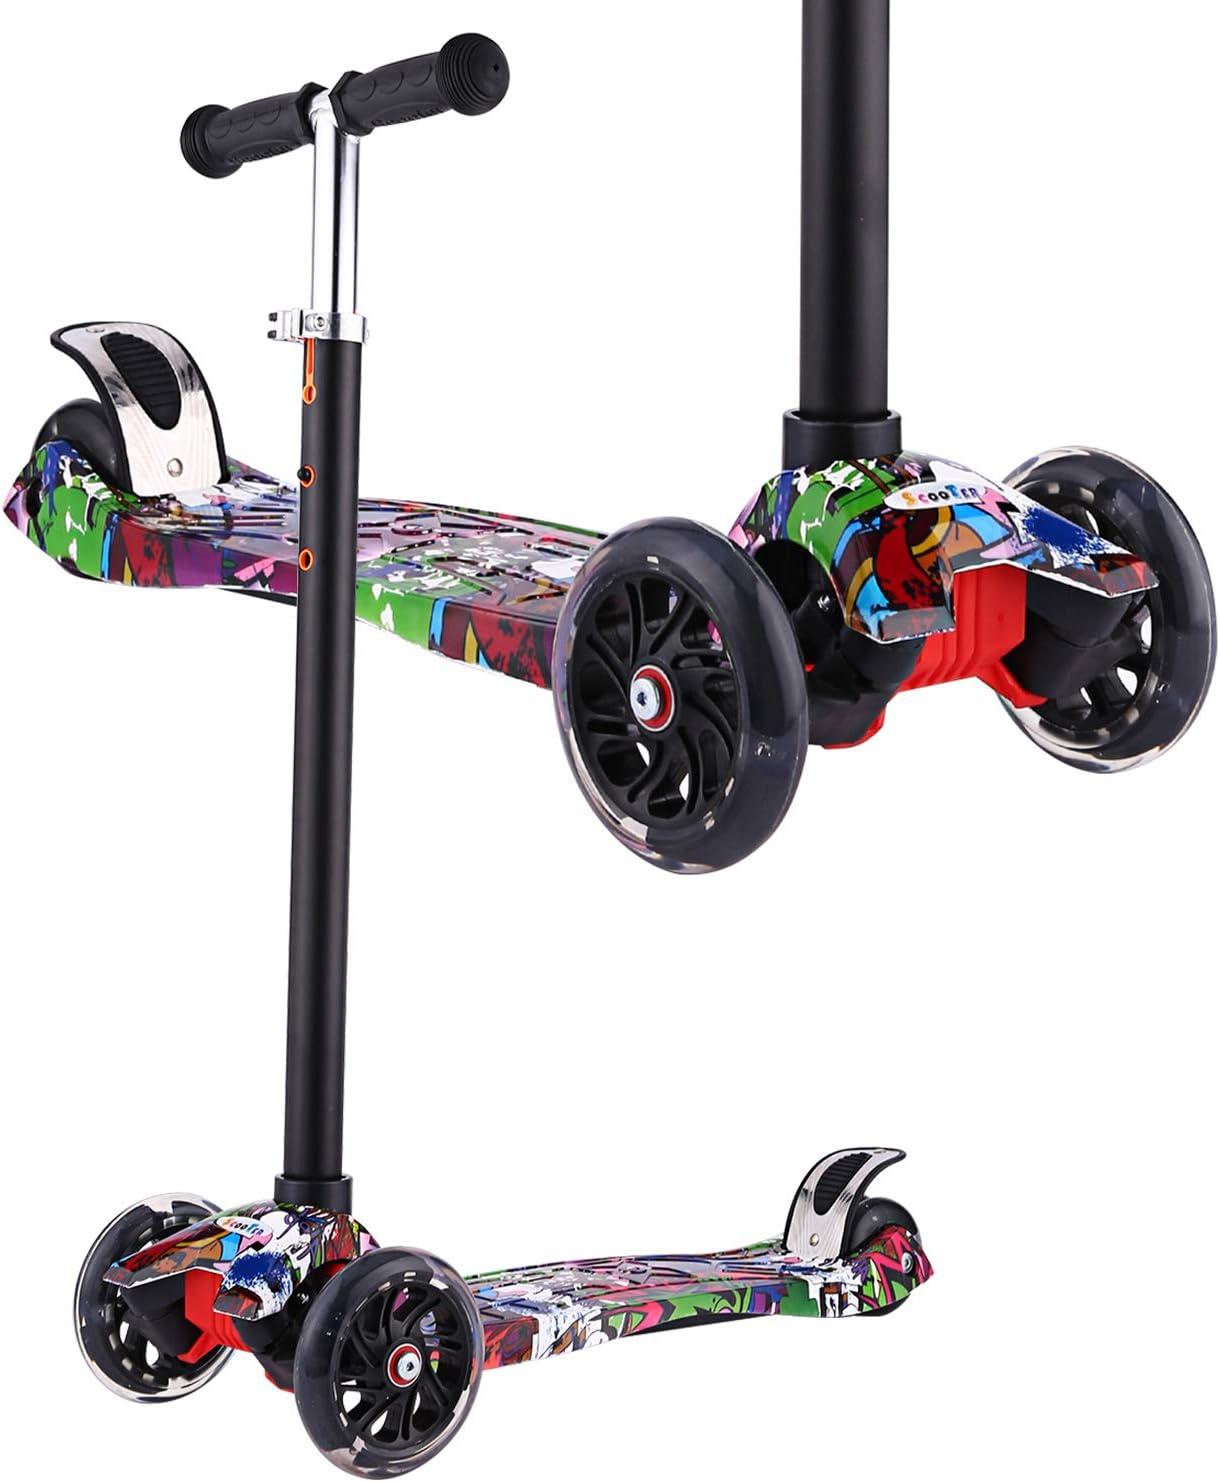 Profun Monopattino con 3 PU Route Luce LED Scooter per Bambini Manubrio Regolabile Altezza 54CM-69CM per Bambini 3-8 Anni Graffiti 1